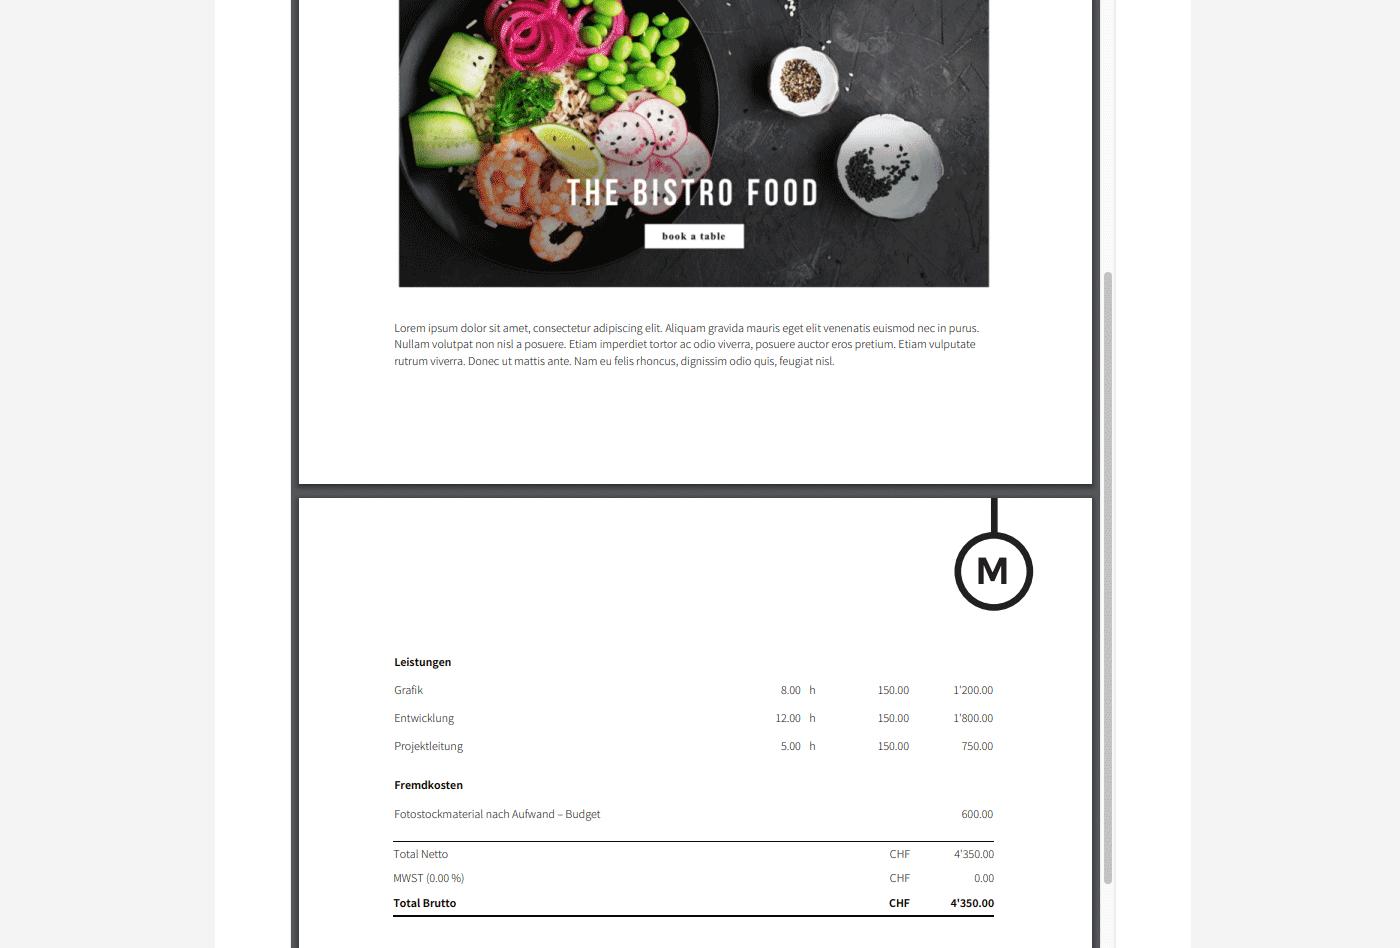 Angebot mit Bilder bzw. Fotos